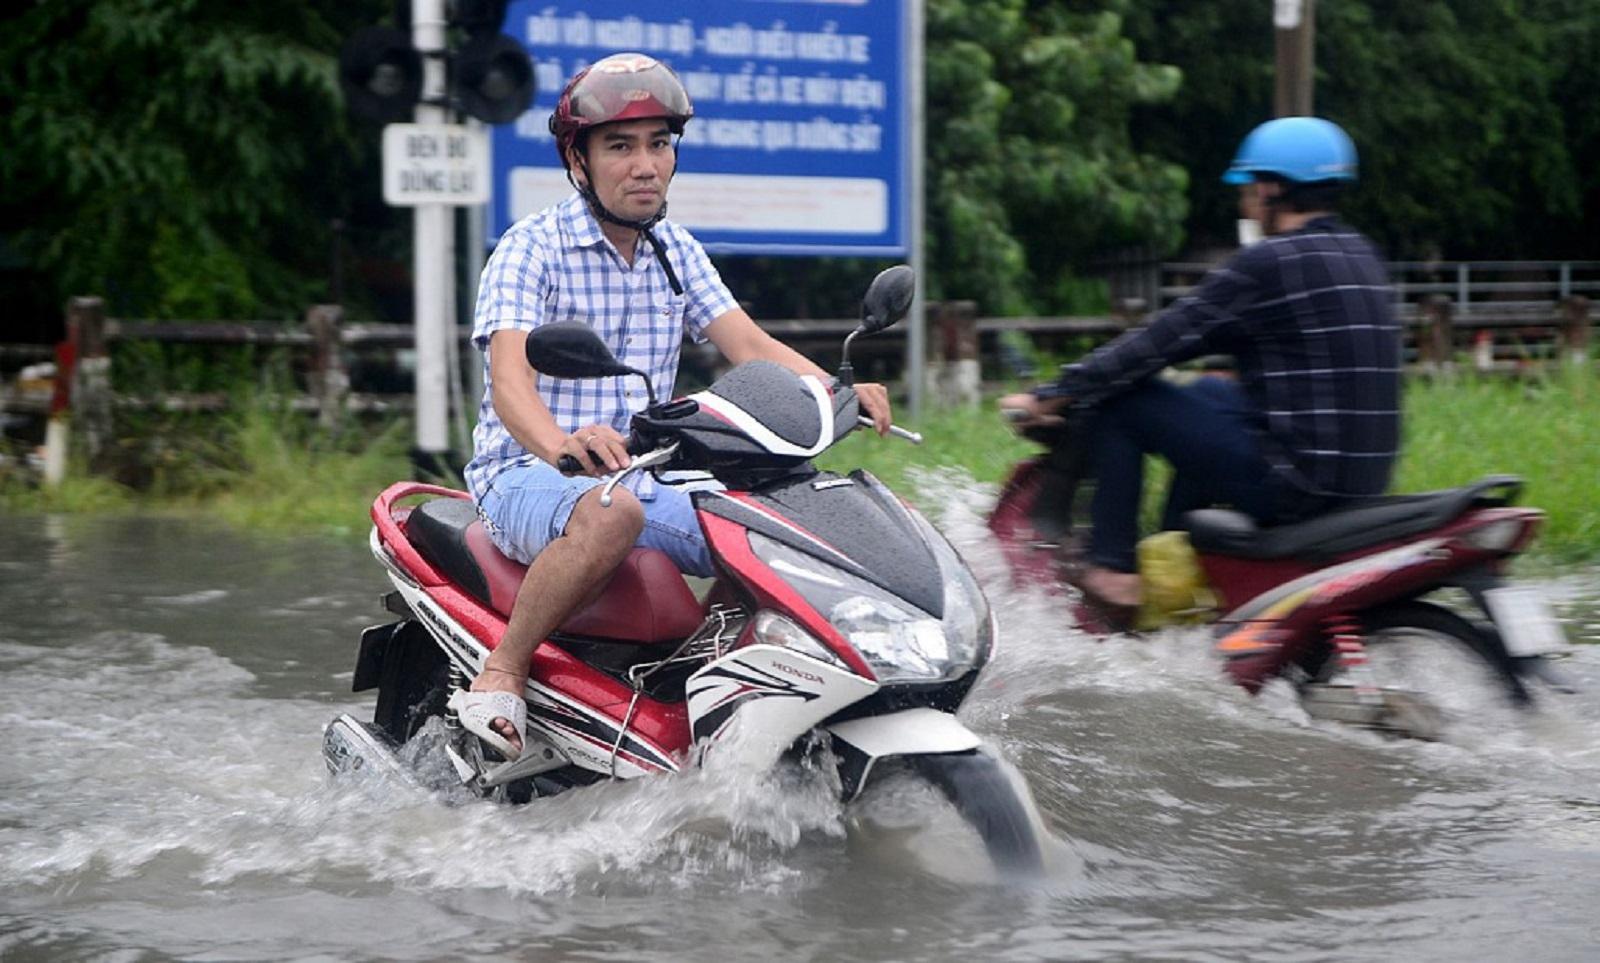 phanh mất tác dụng khi đi xe ngập nước